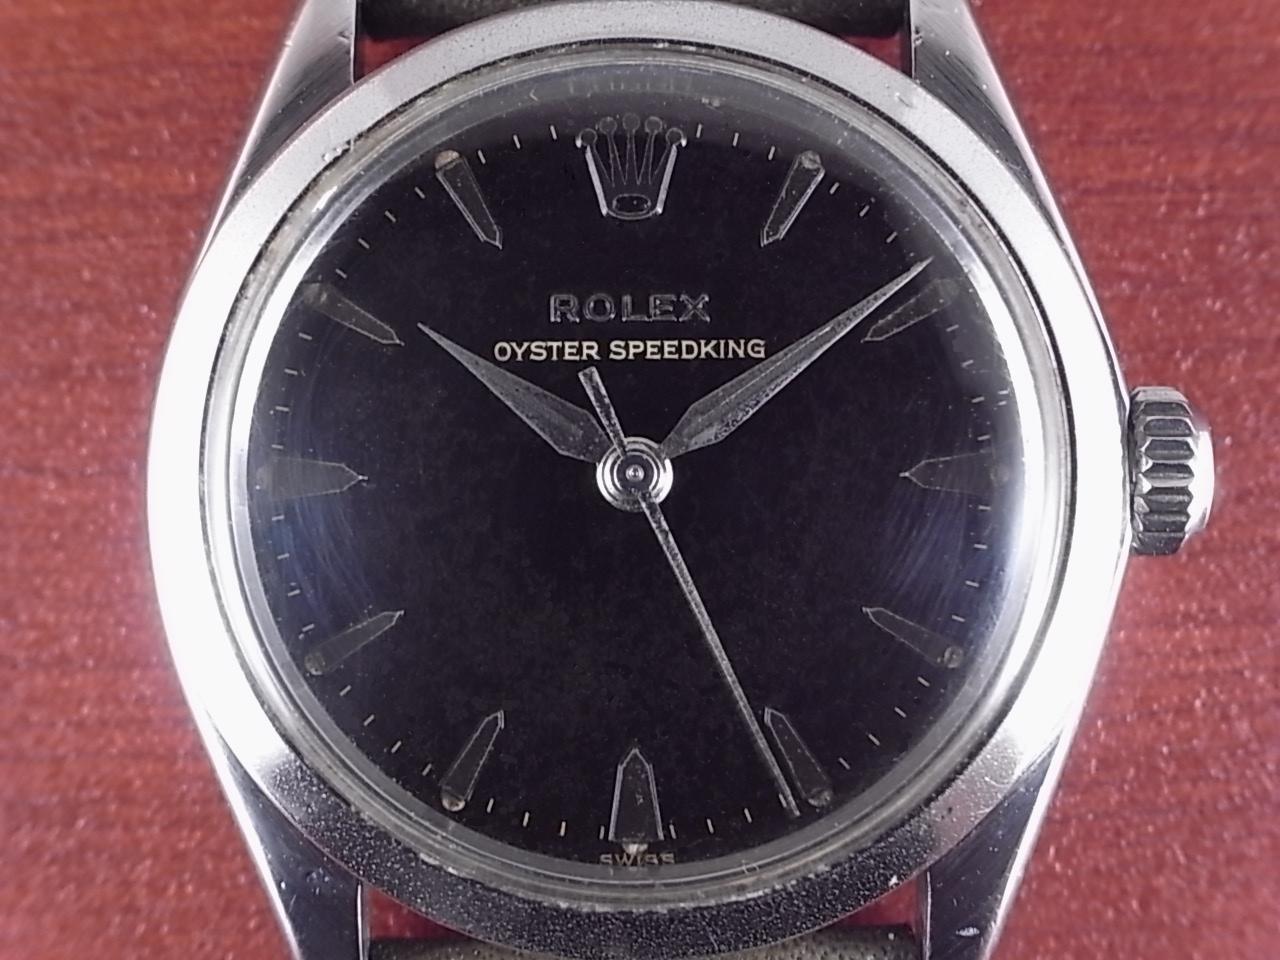 ロレックス スピードキング Ref.6430 ブラックミラー ボーイズサイズ 1960年代の写真2枚目